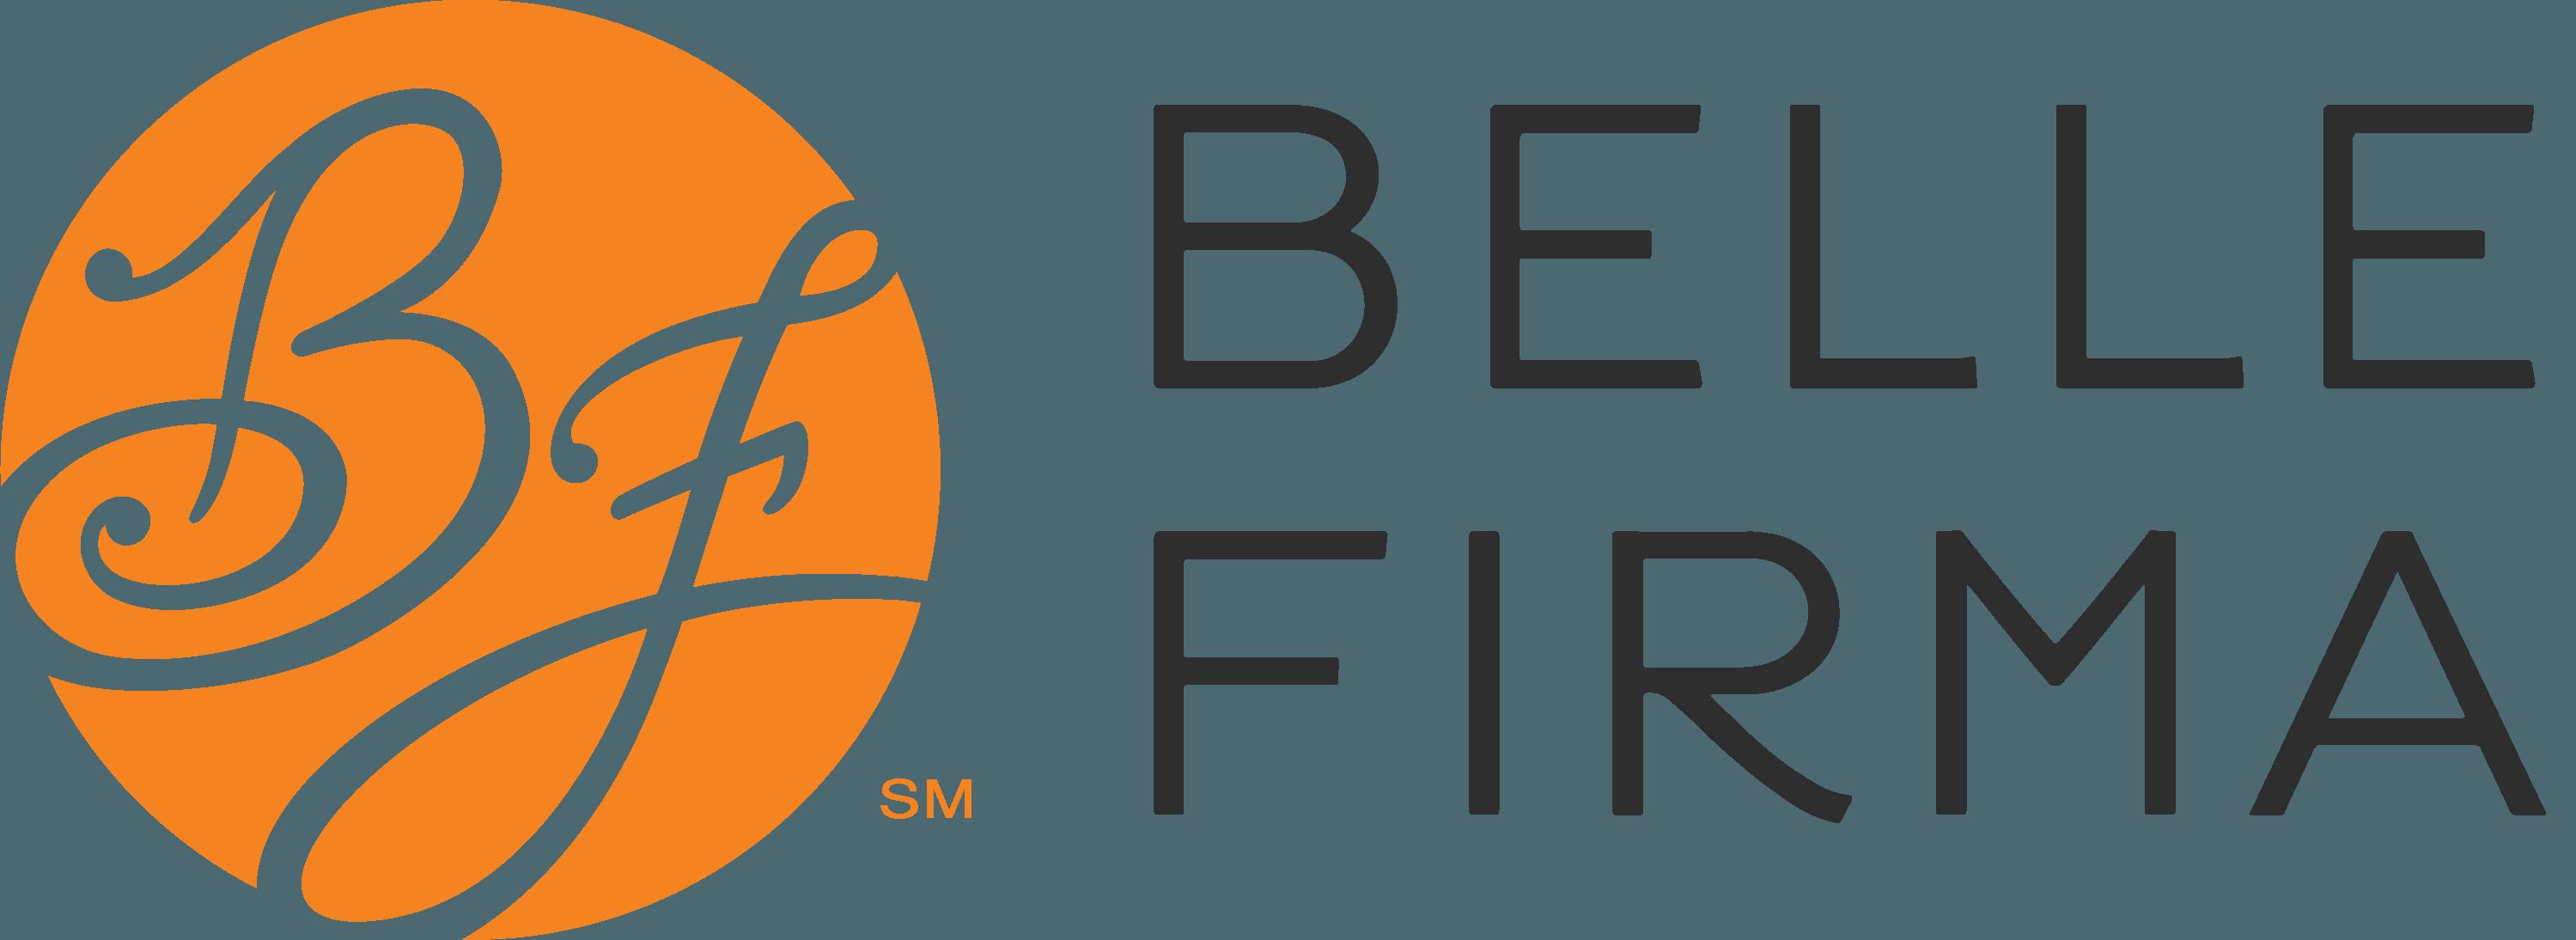 Belle Firma logo